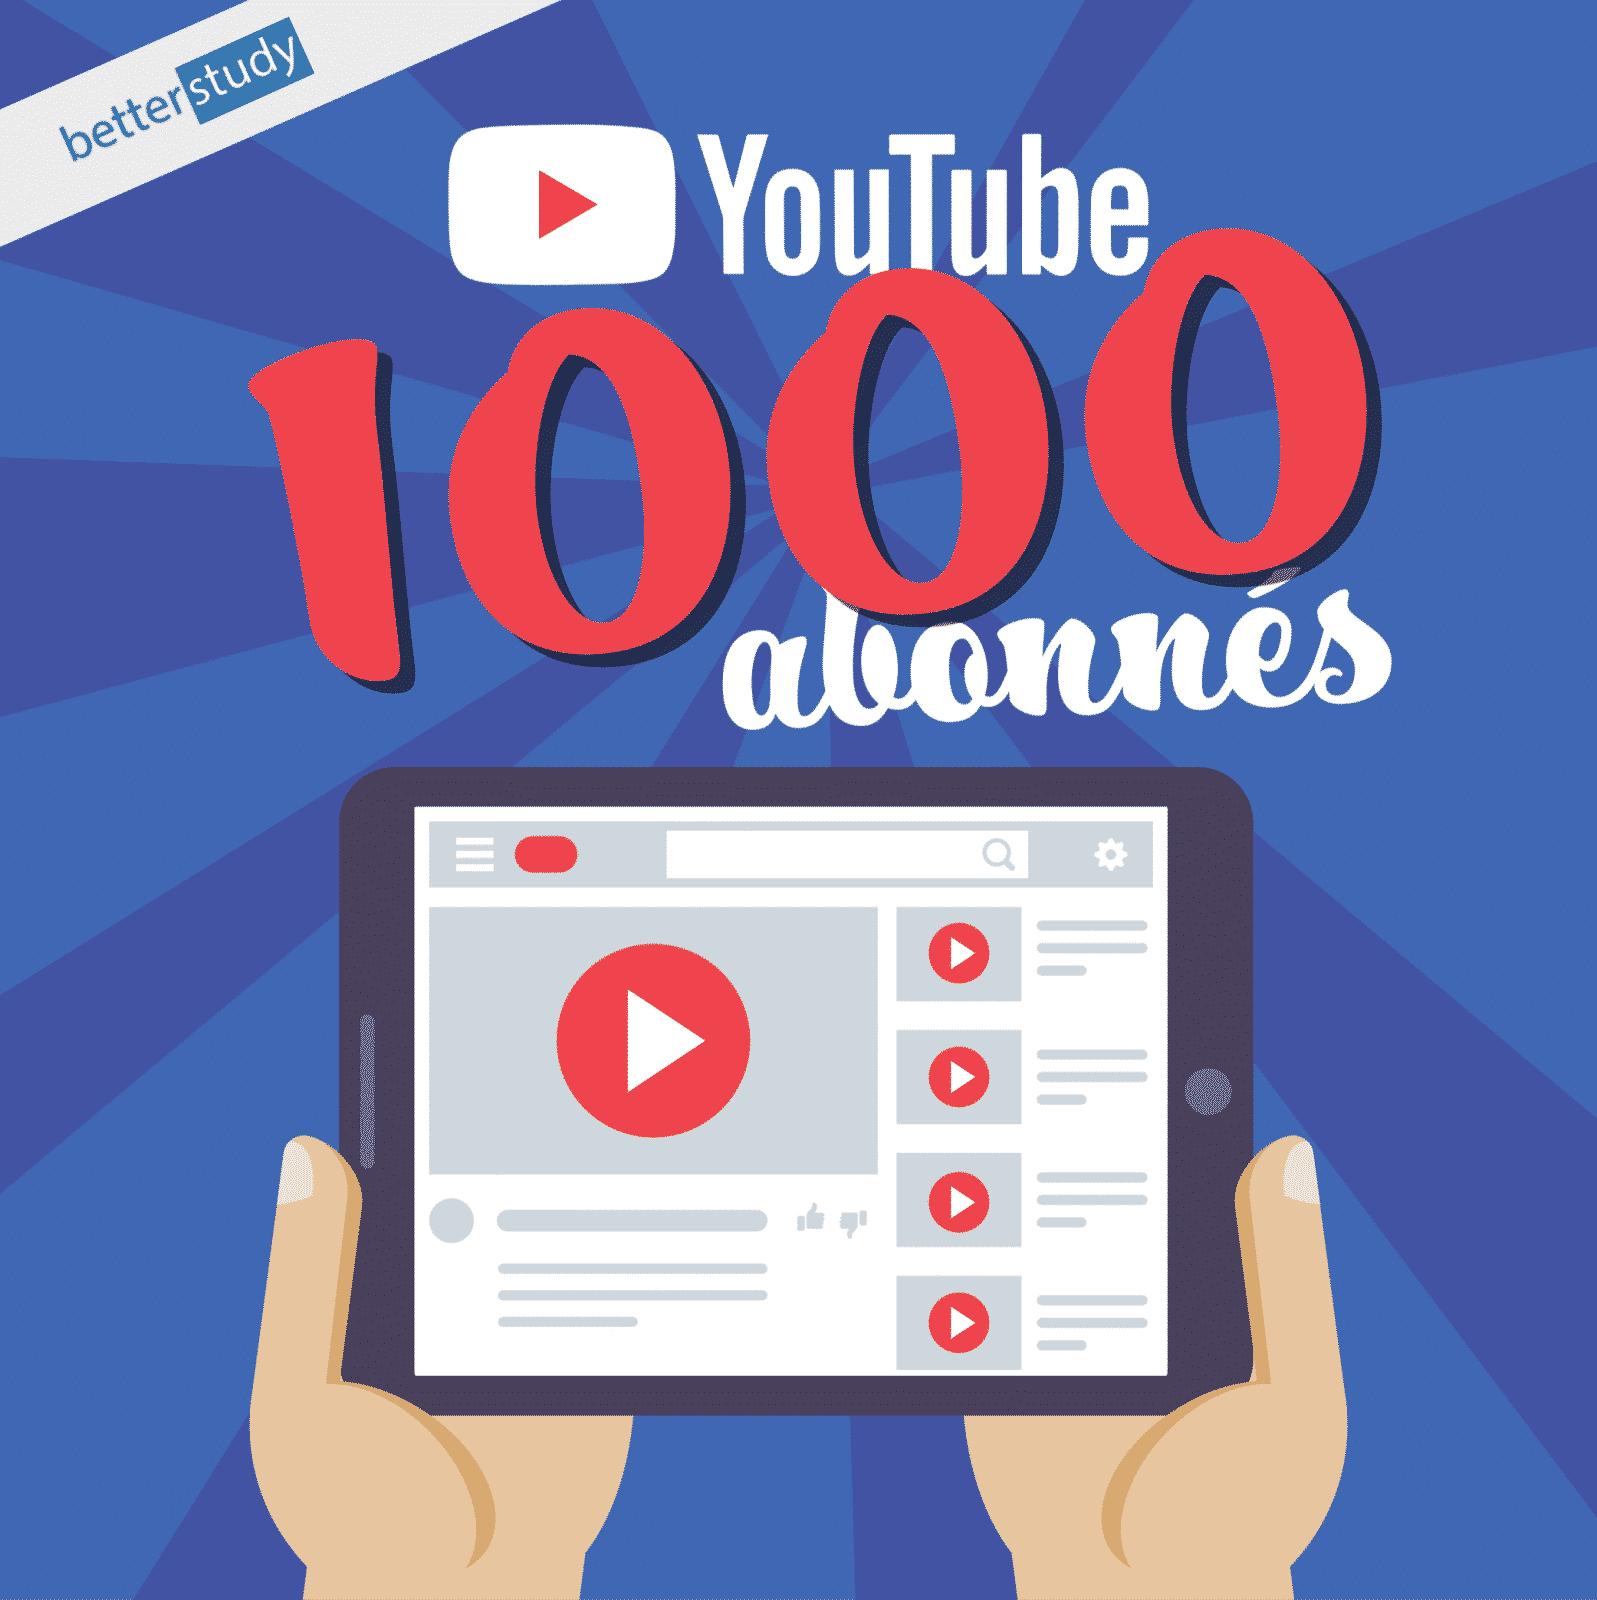 La chaîne YouTube de l'institut BetterStudy atteint les 1000 abonnés!